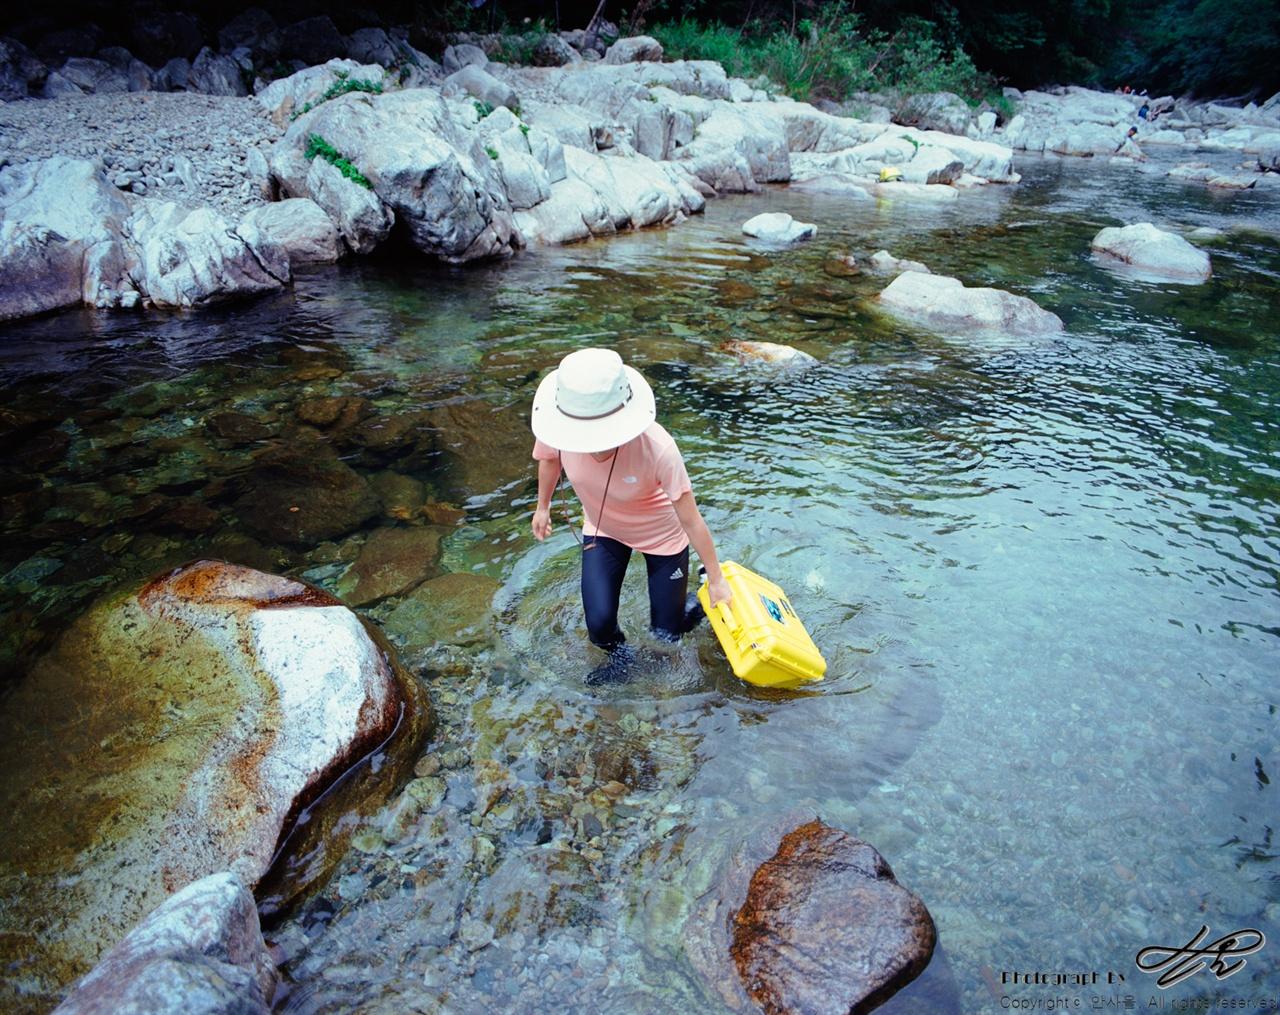 물길로 걷기 (6*7중형/Pro400H)방수가 되는 케이스 안에는 촬영 장비가 들어있다. 물에 뜨기 때문에 깊은 곳에서는 튜브 대용으로 사용할 수 있다.